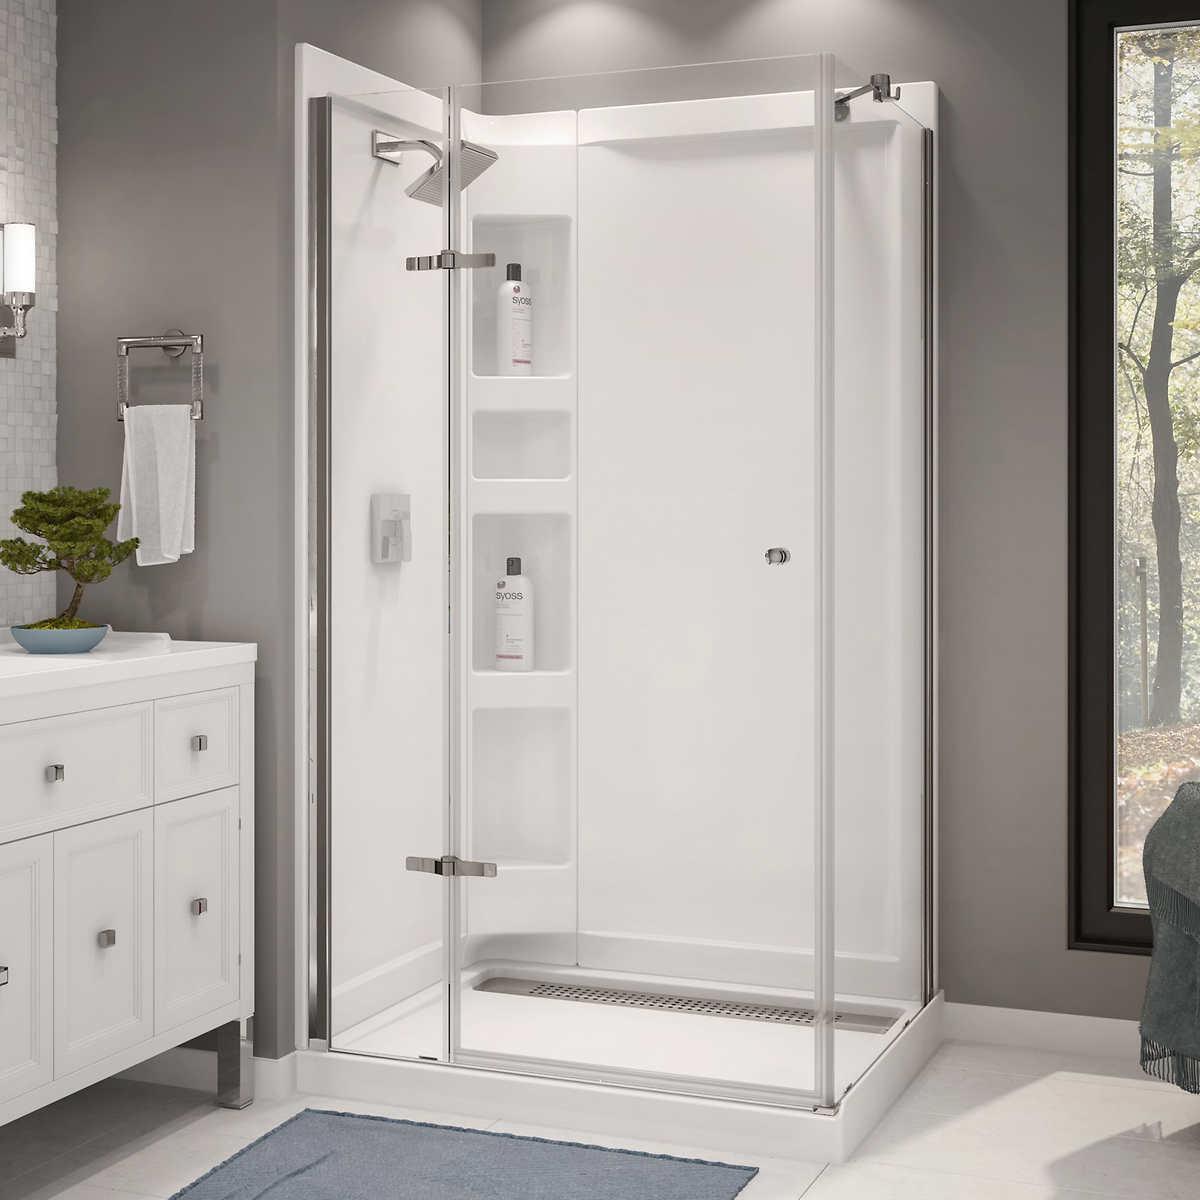 MAAX Cyrene 34 in. Round Corner Shower Kit